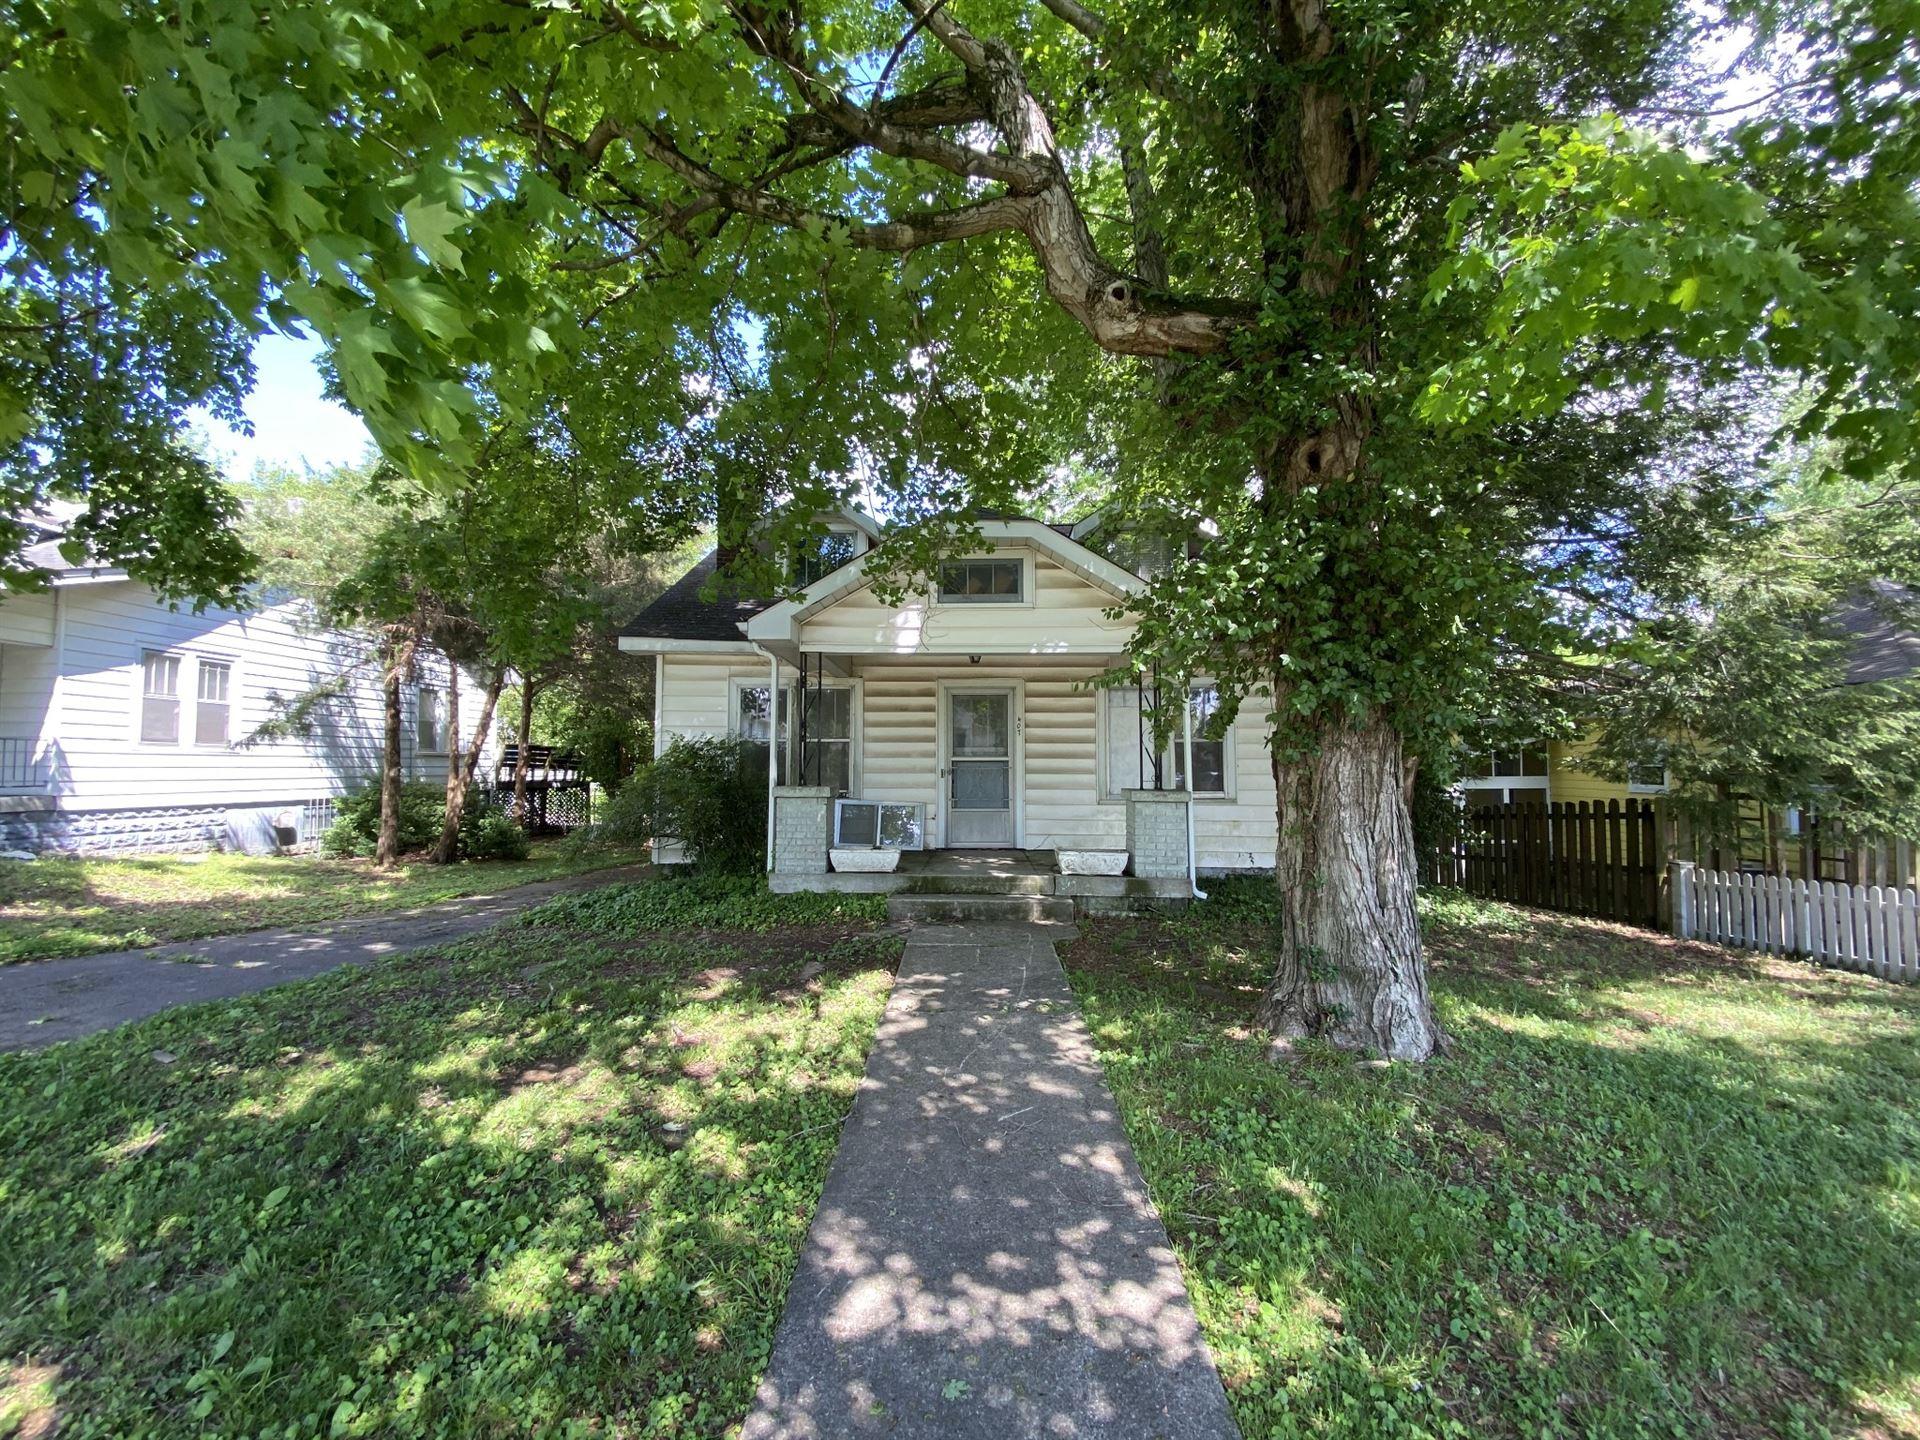 407 Lockland Dr, Nashville, TN 37206 - MLS#: 2253463